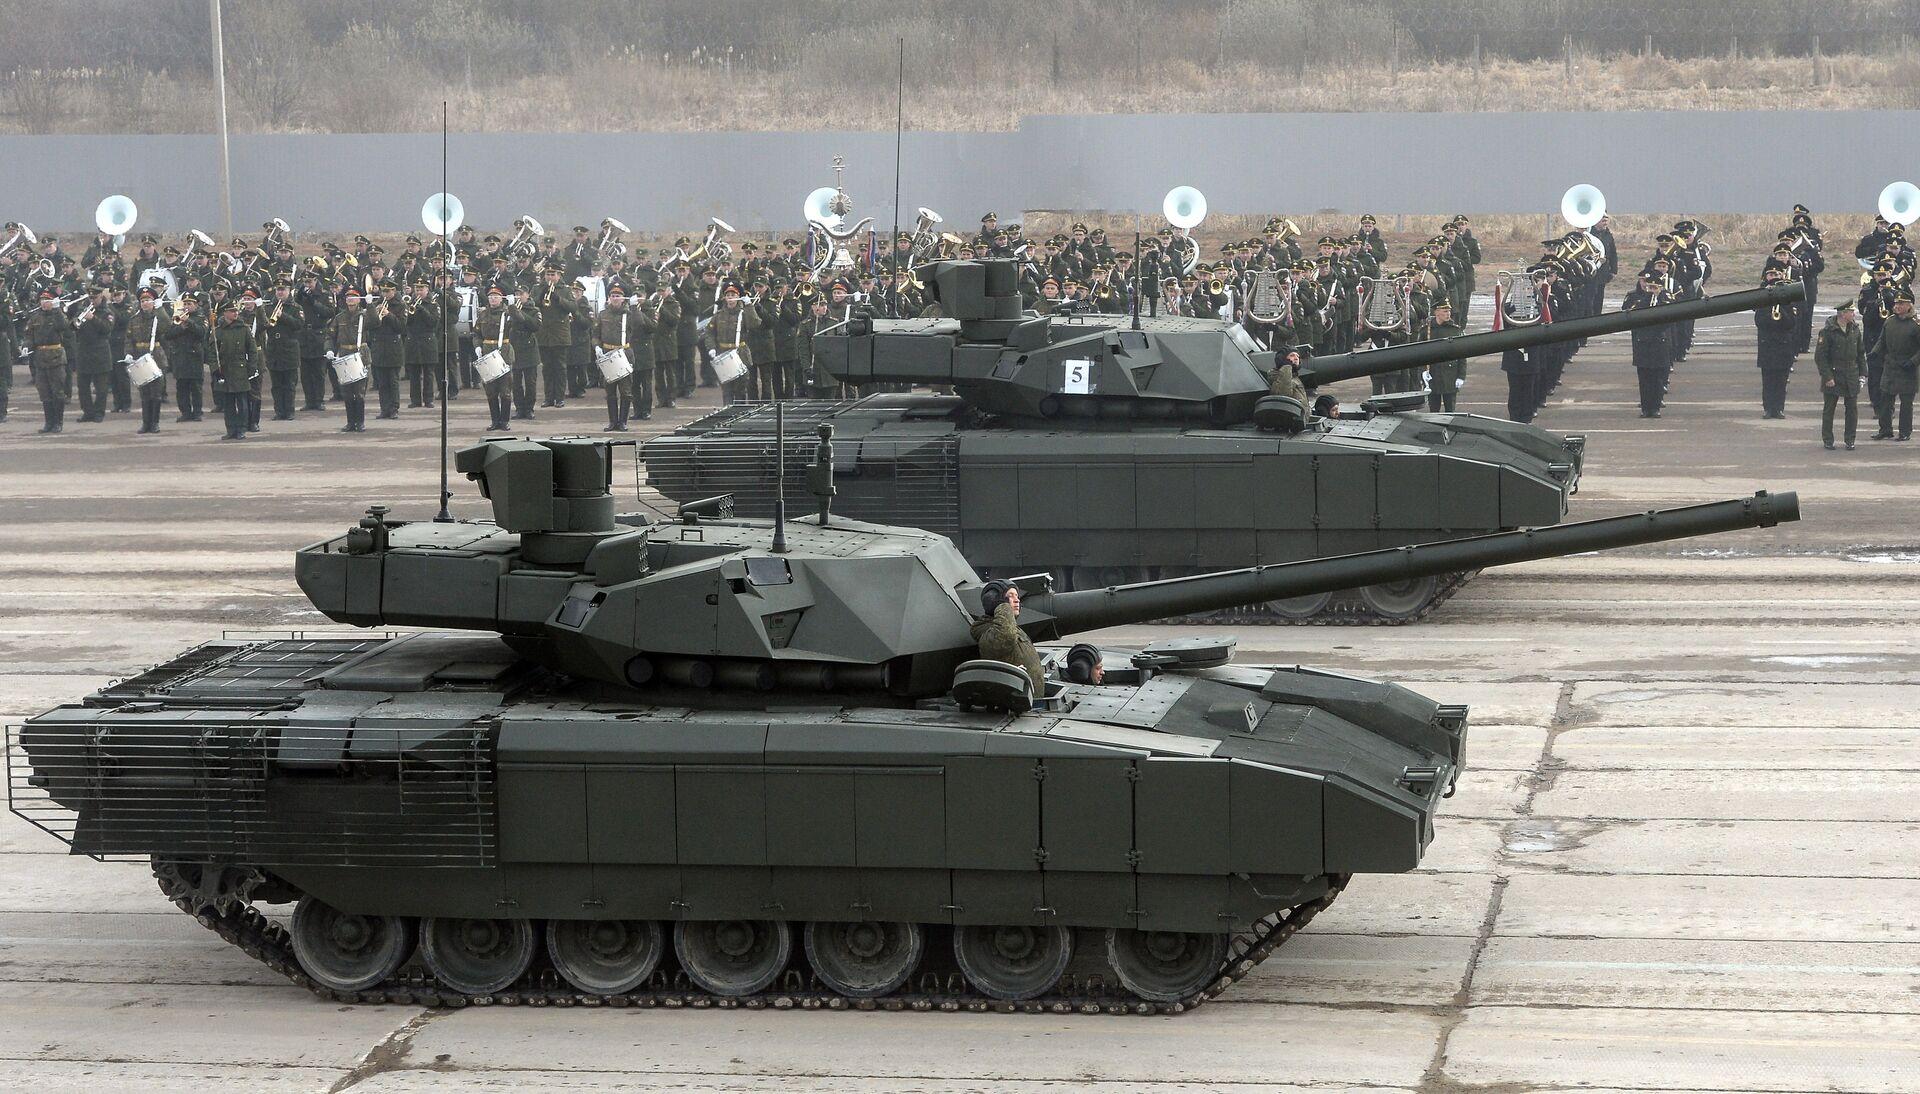 Mối đe dọa nghiêm trọng đối với NATO. Chuyên gia Mỹ so sánh xe tăng Armata và Abrams - Sputnik Việt Nam, 1920, 24.05.2021